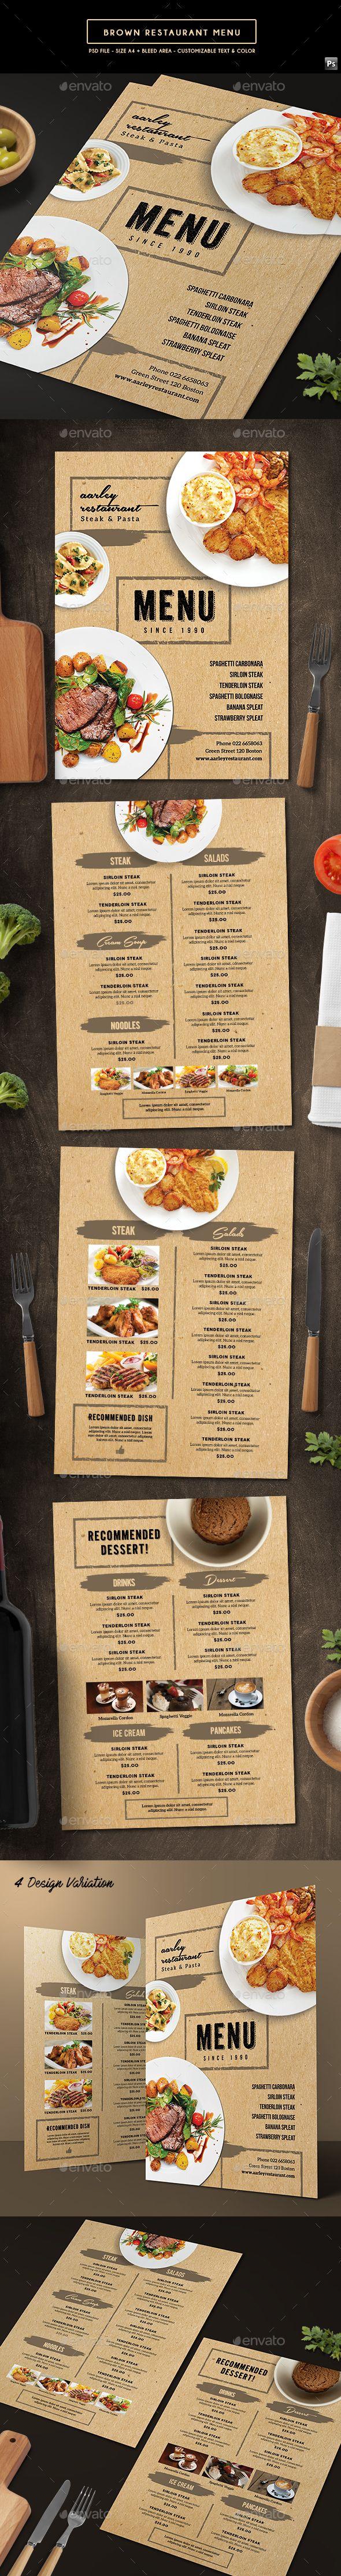 Brown Restaurant Menu Template PSD